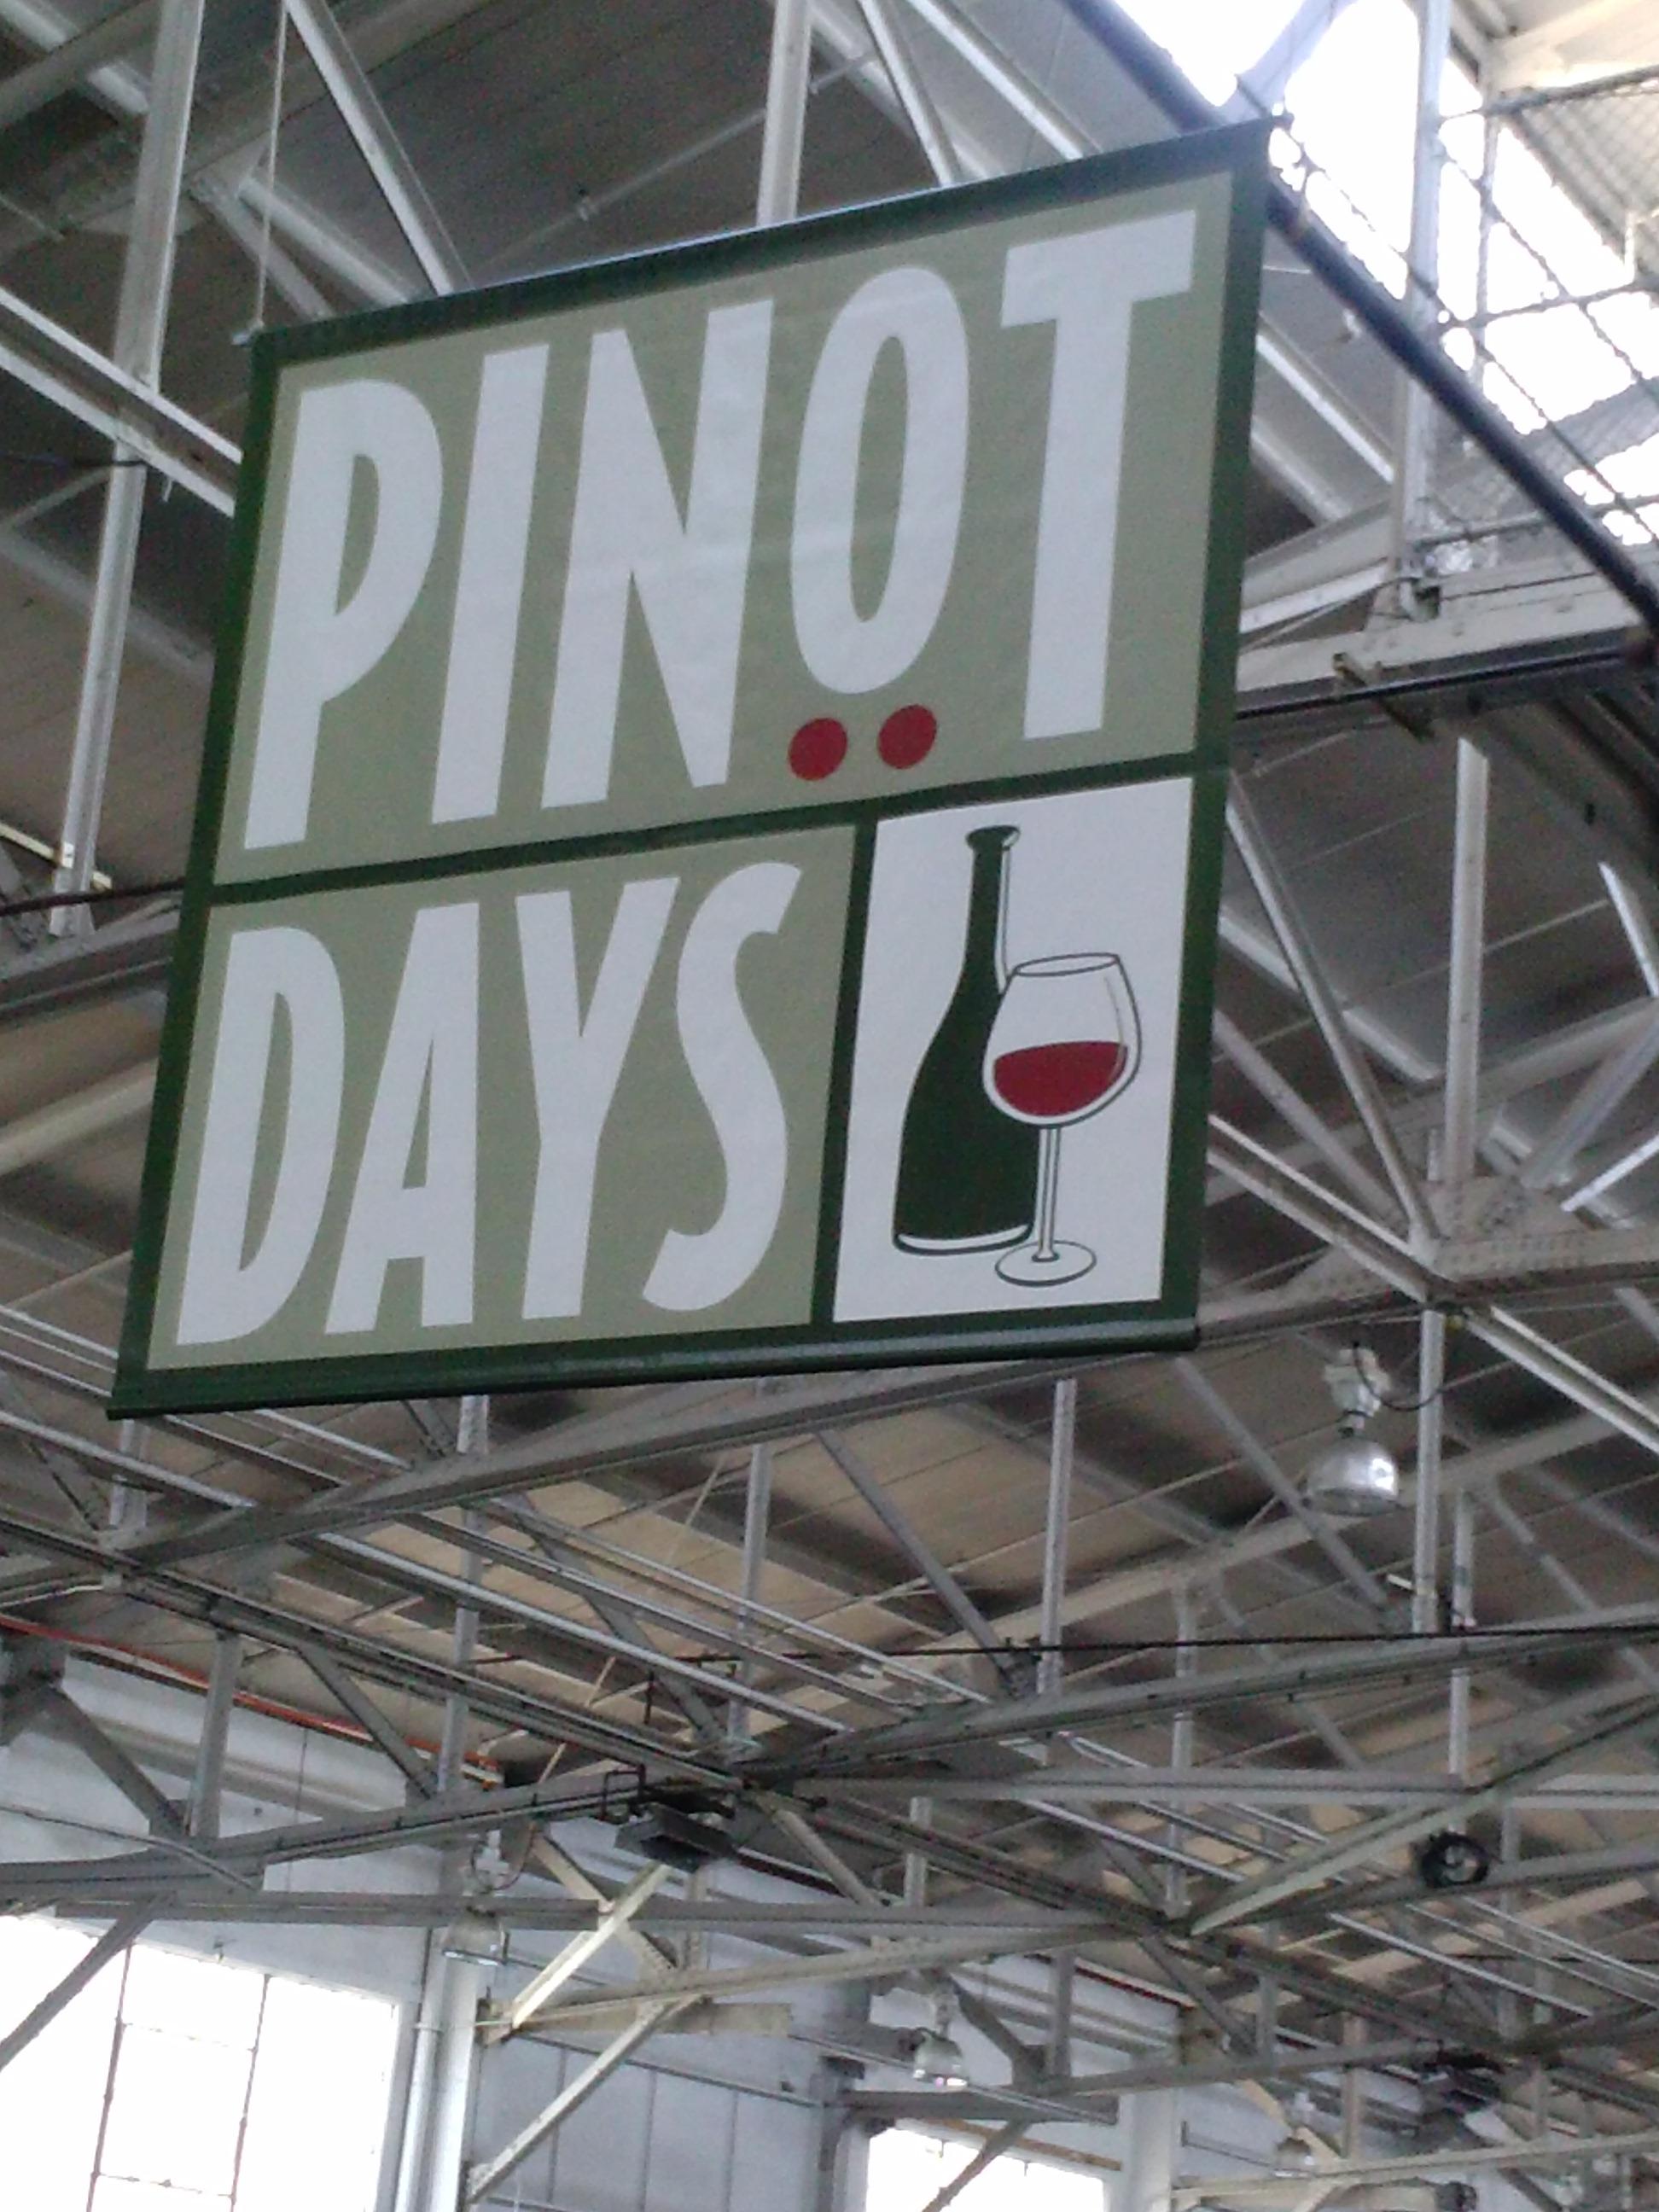 Pinot Days 2013.jpg